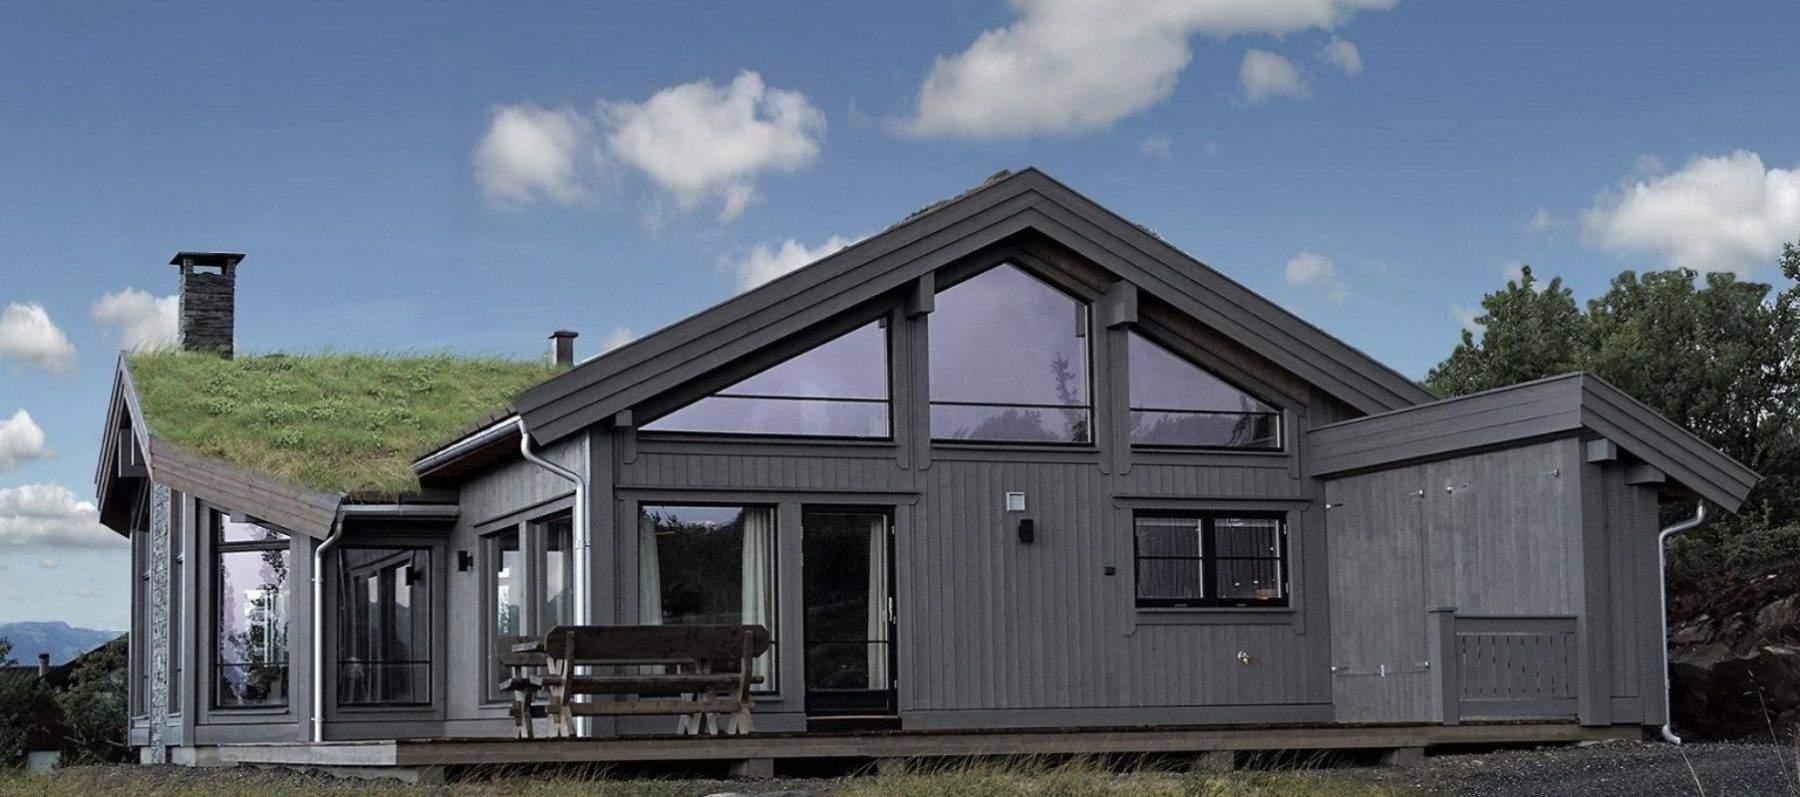 88 Hyttemodell Hytteinspirasjon Hytte Uvdal